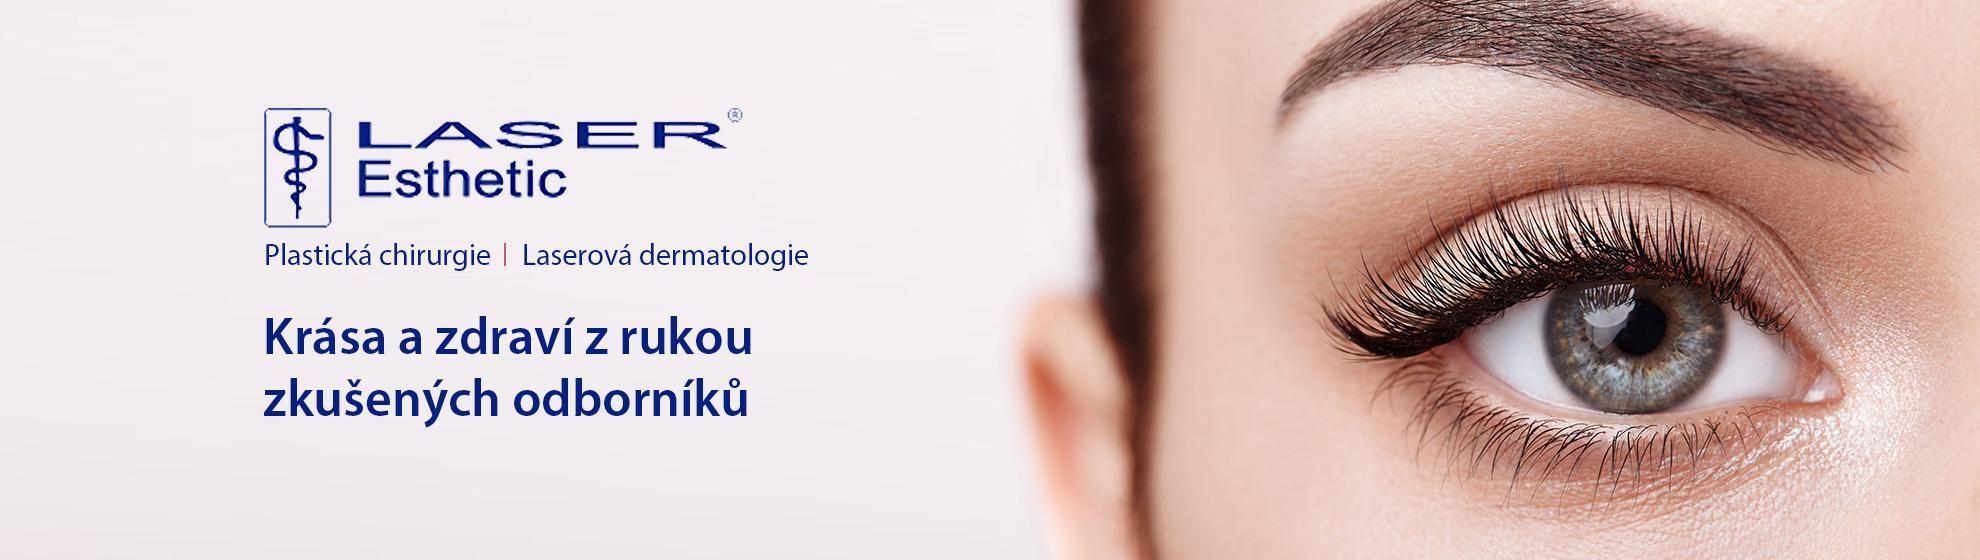 Klinika Laser Esthetic